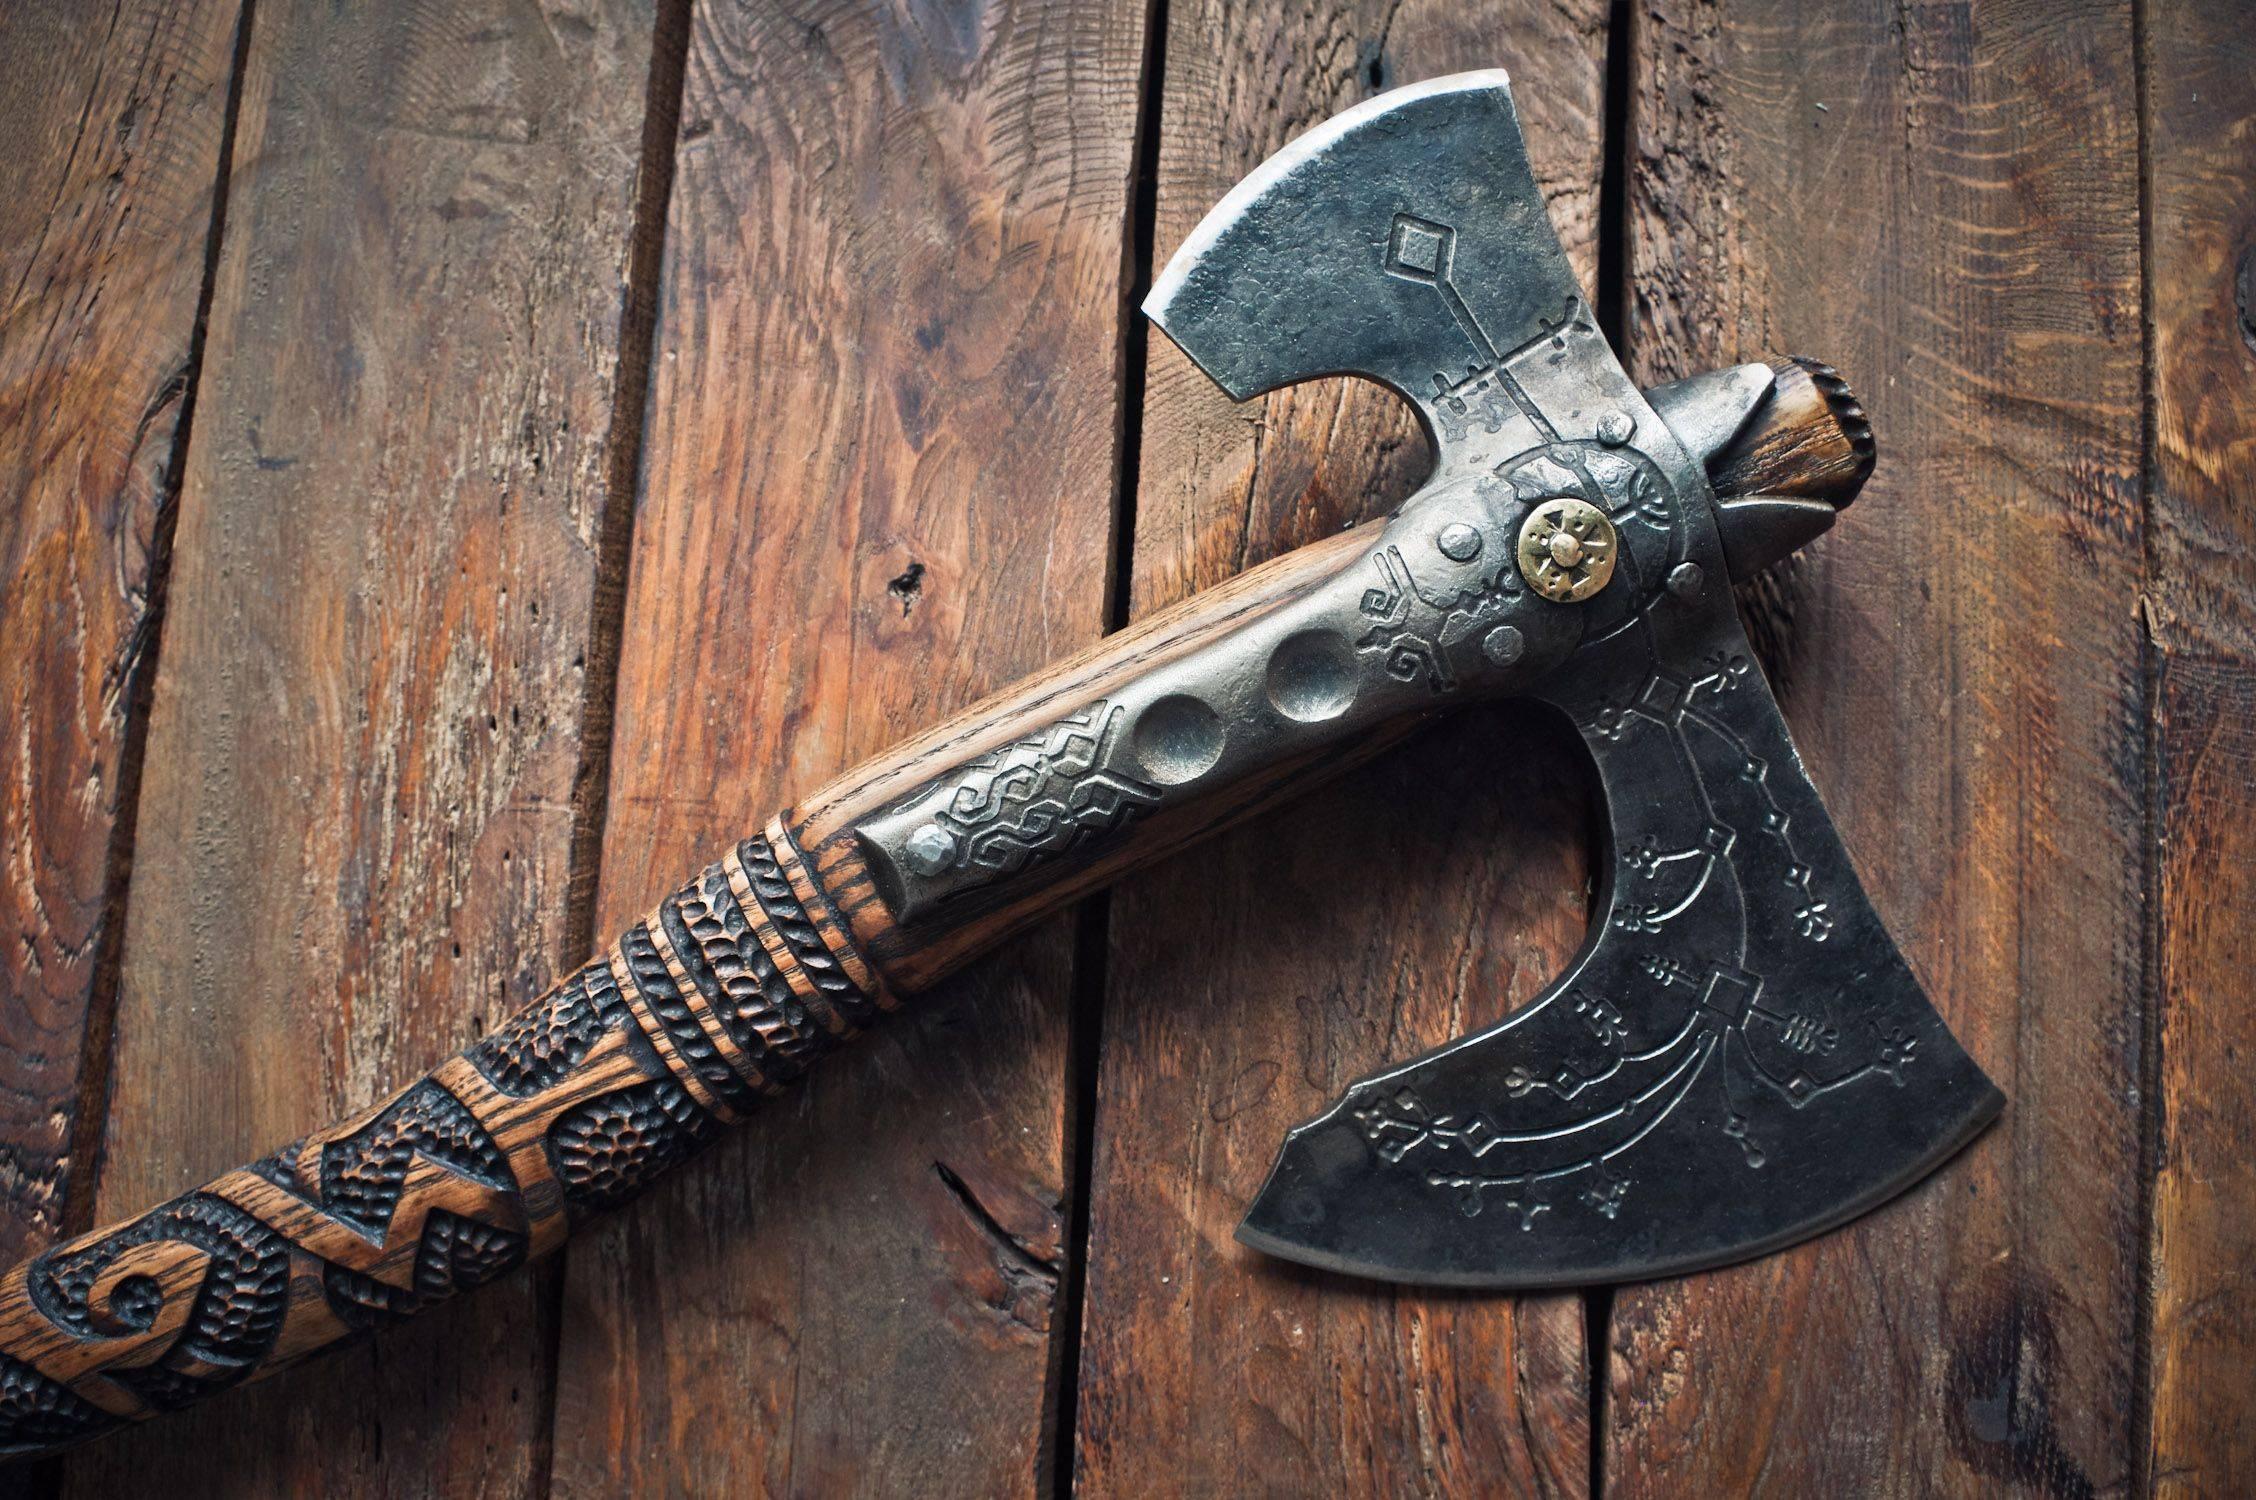 Двуручные топоры викингов. боевой топор: происхождение и исторические особенности